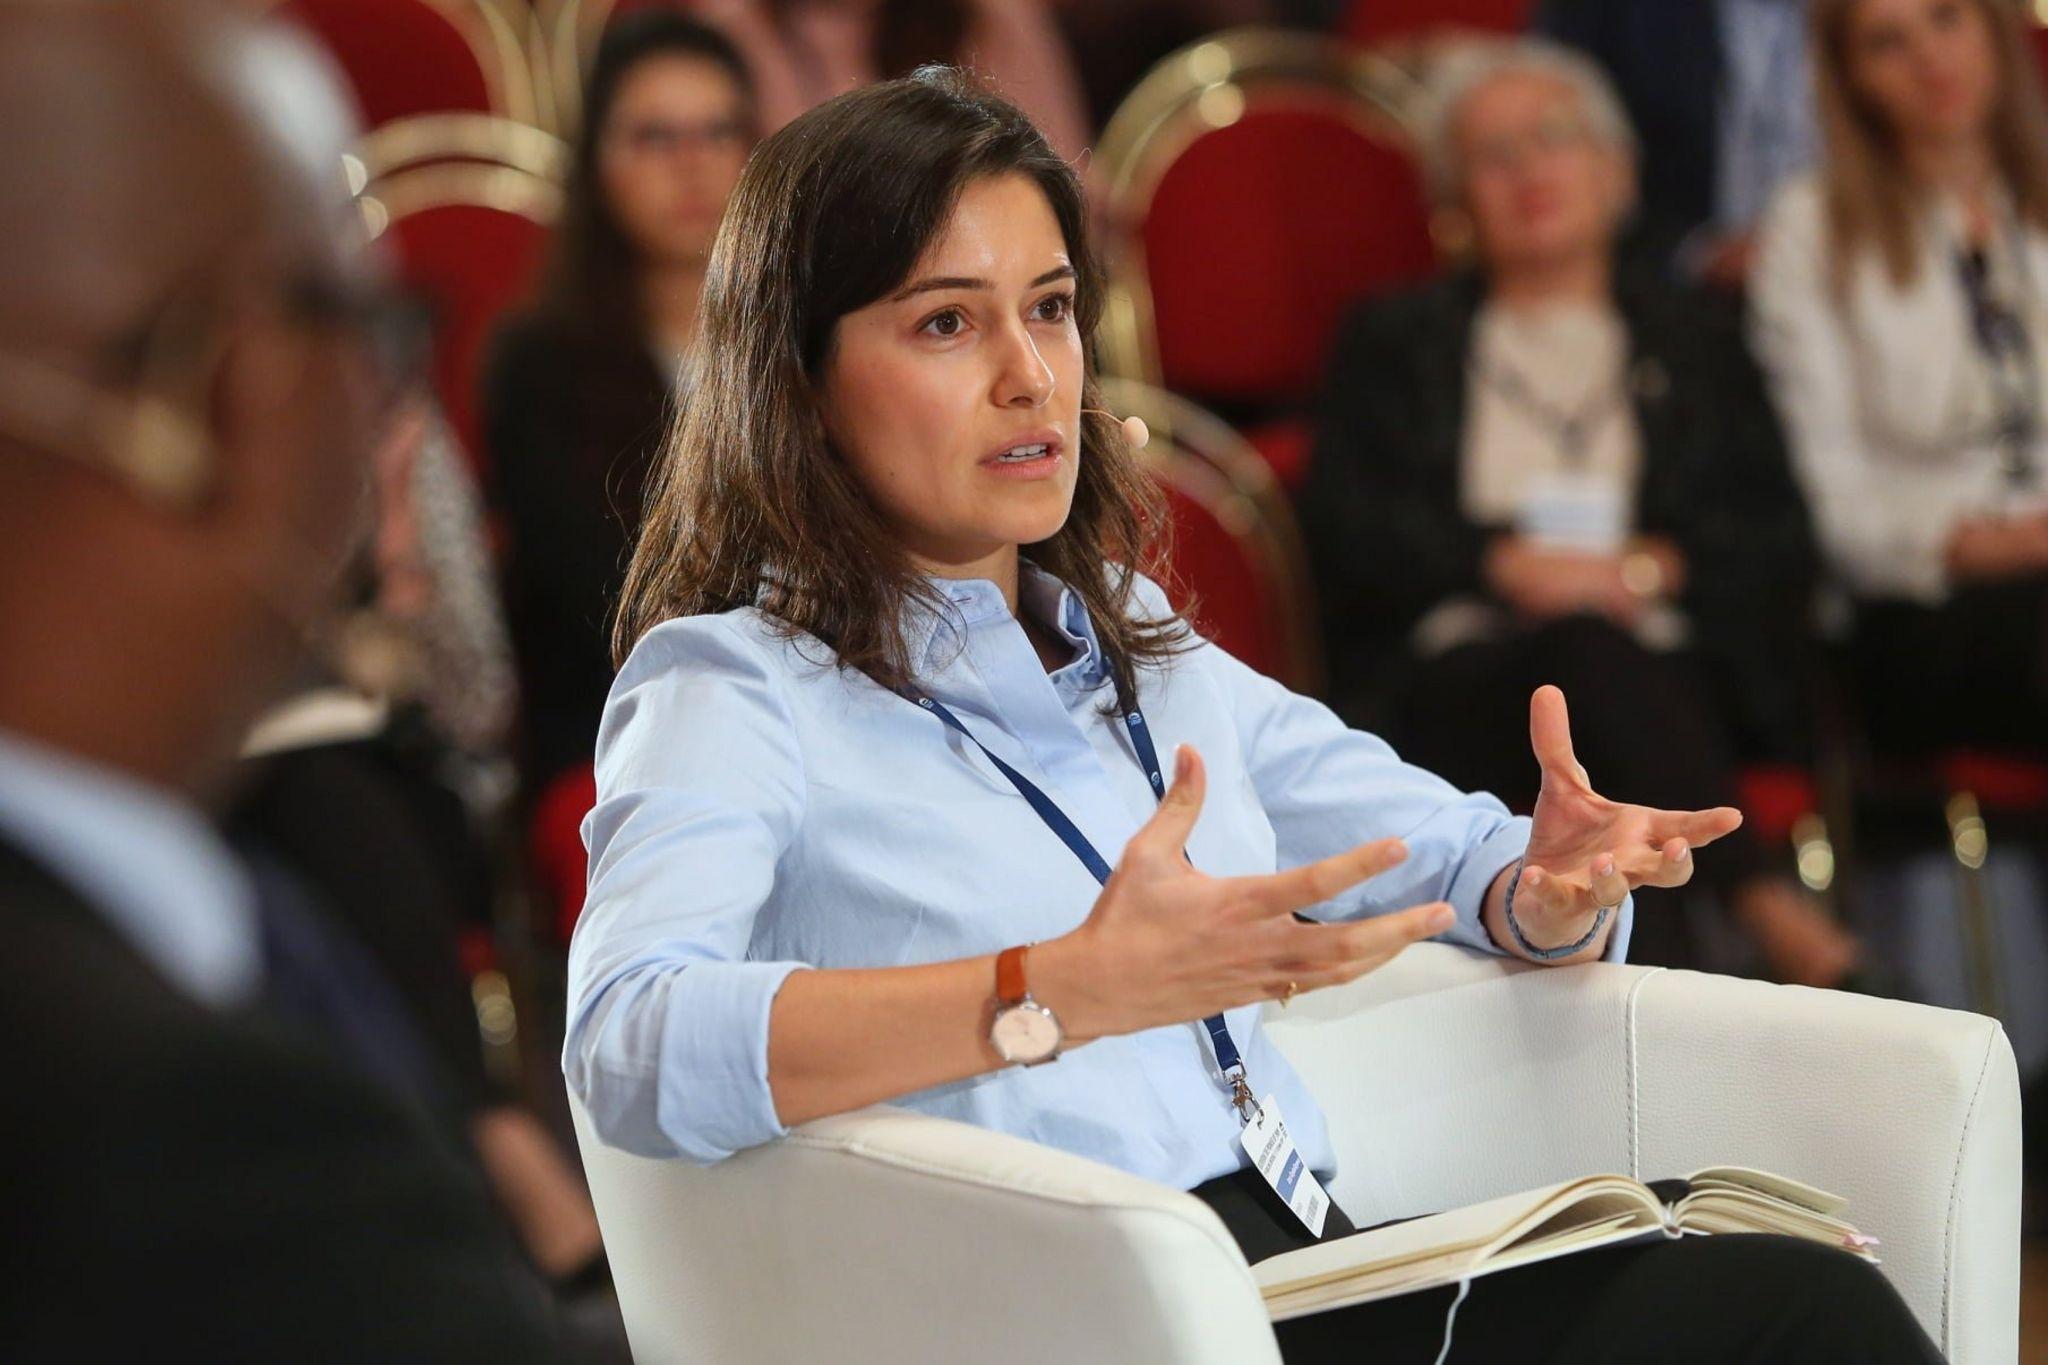 Azerbaijani journalist Arzu Geybulla